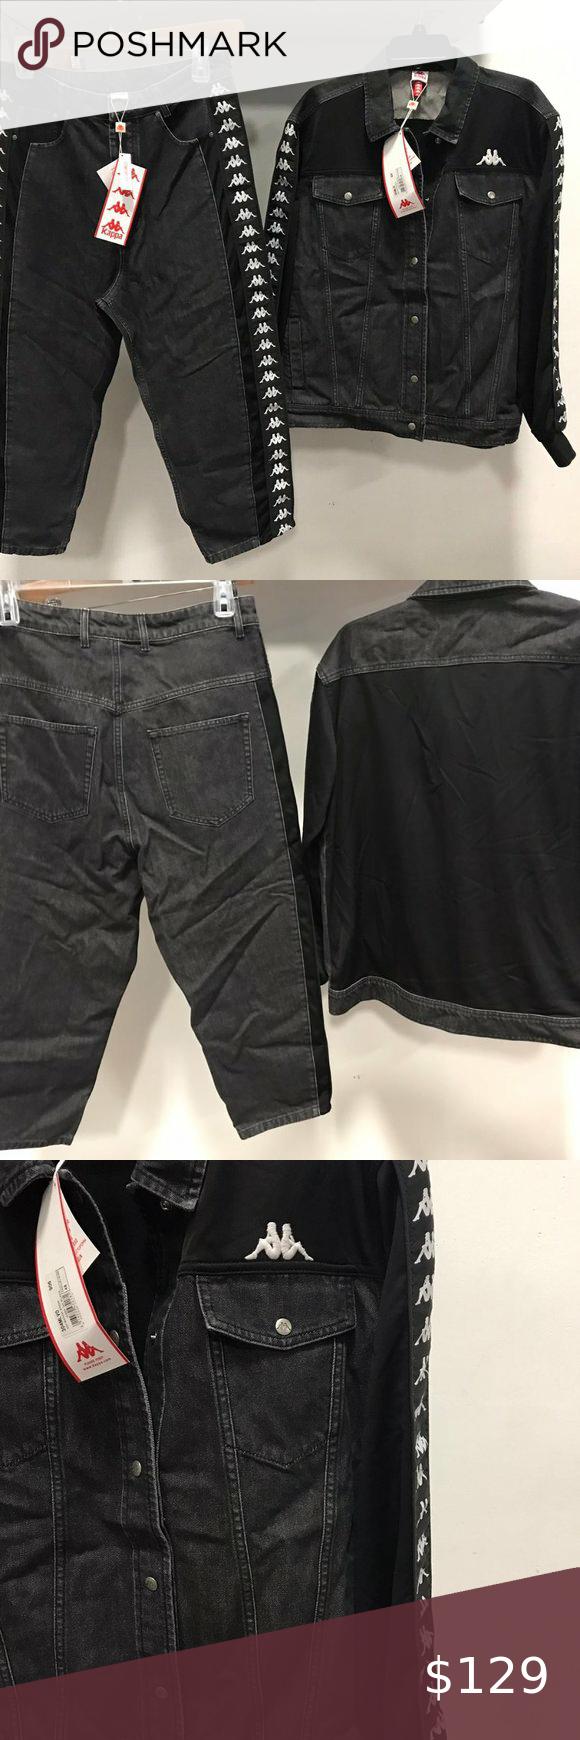 Nwt Kappa Dmg 2pc Set Denim Jean Jacket Pants L Denim Jean Jacket Pants Mens Jogging Suits [ 1740 x 580 Pixel ]